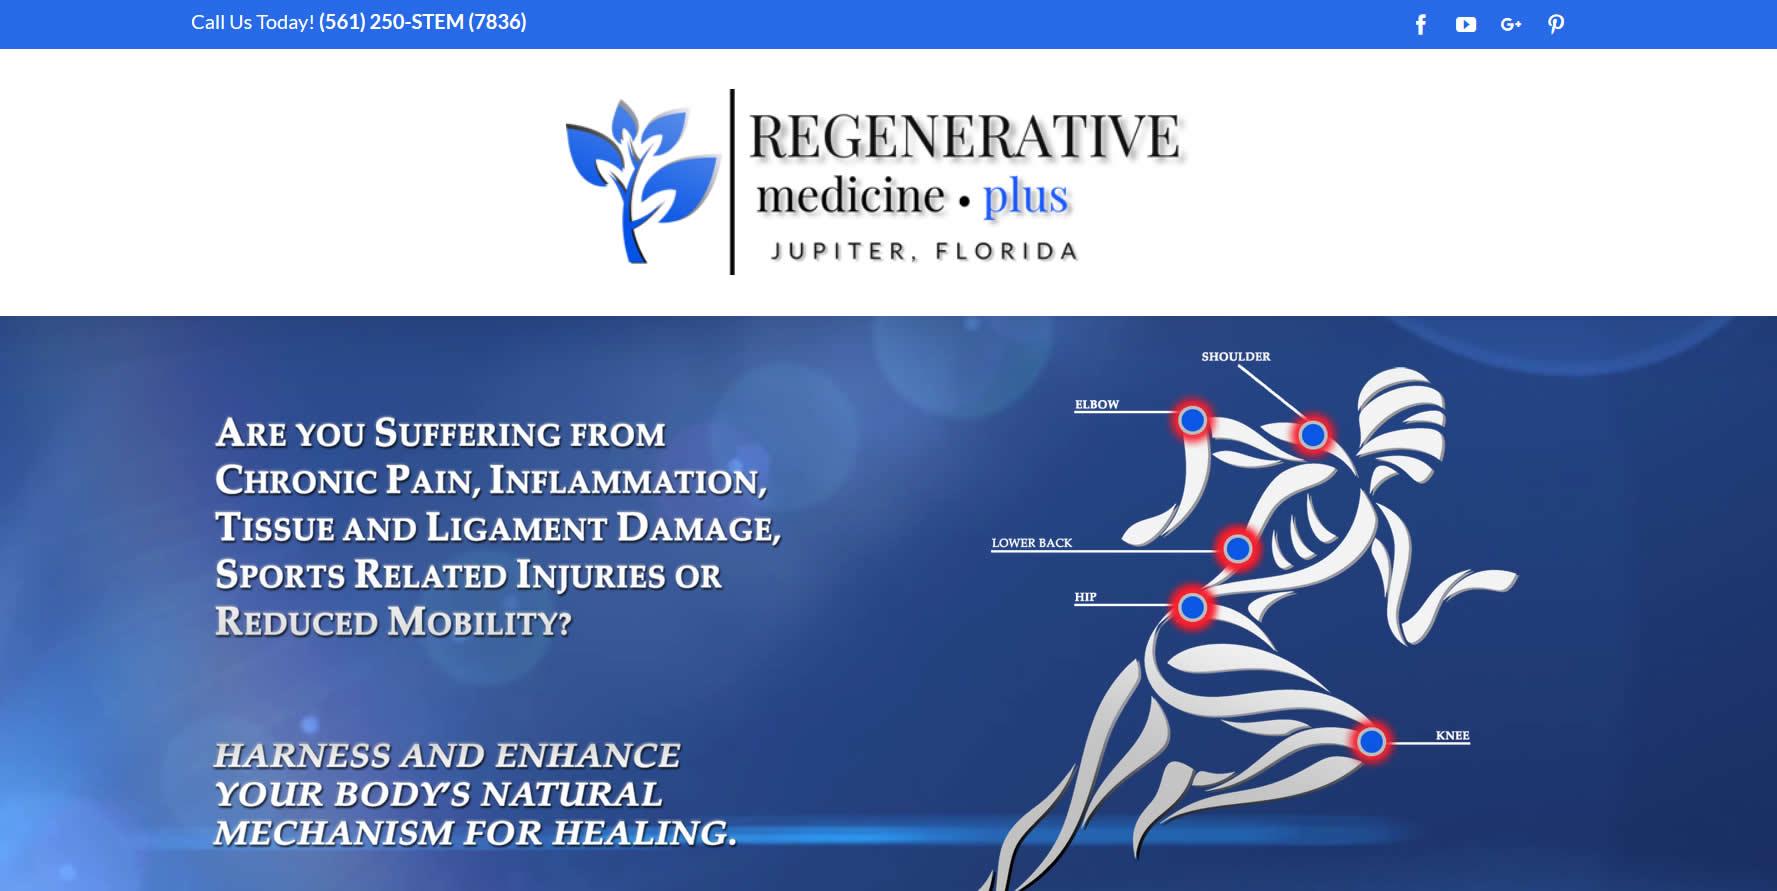 Regenerative Medicine Plus